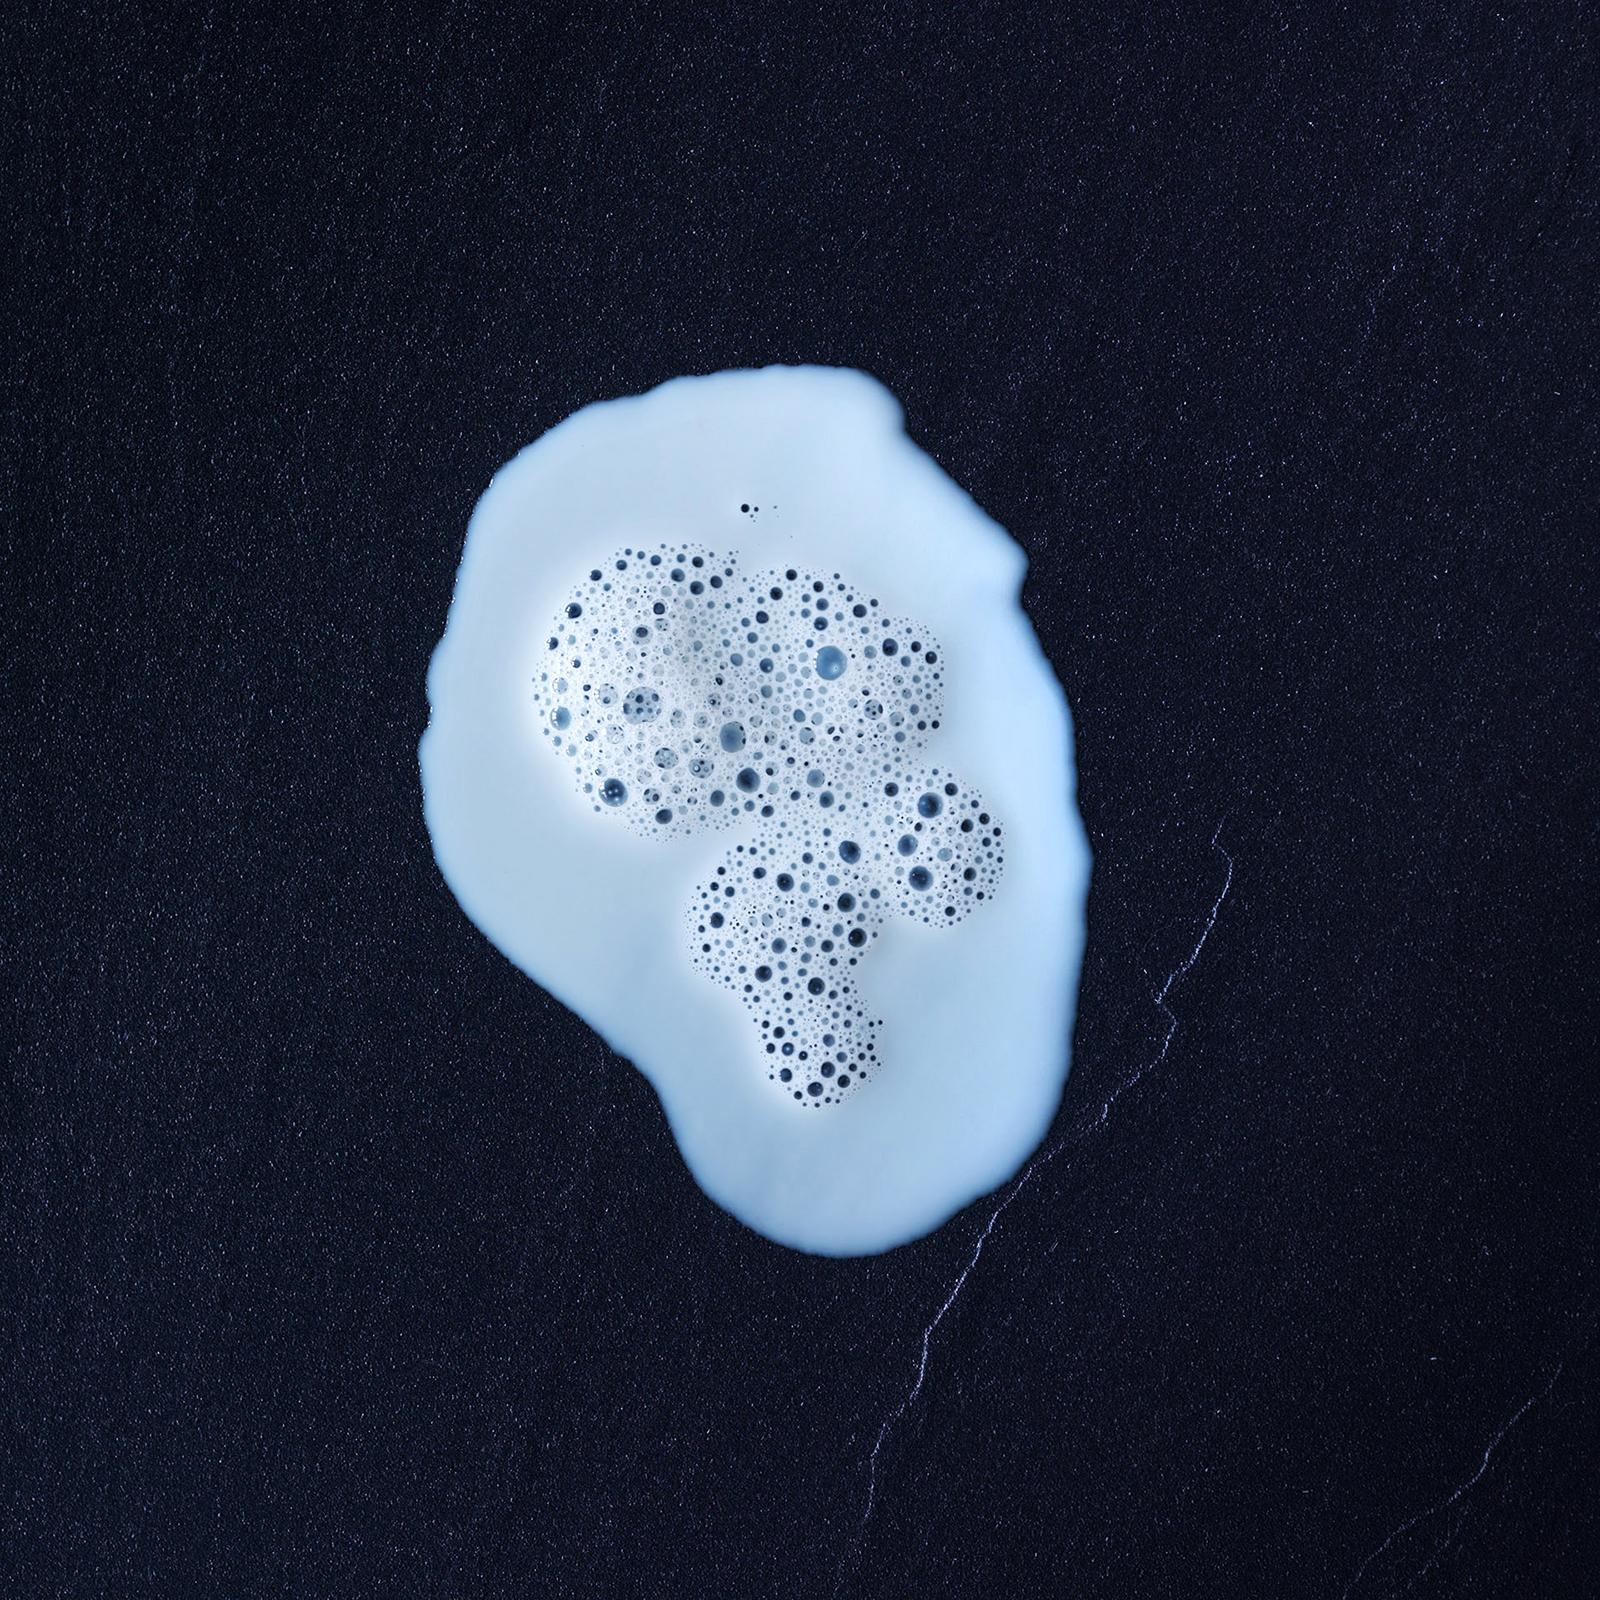 Schäumende Milch auf schwarzem Hintergrund. Feigefotodesign